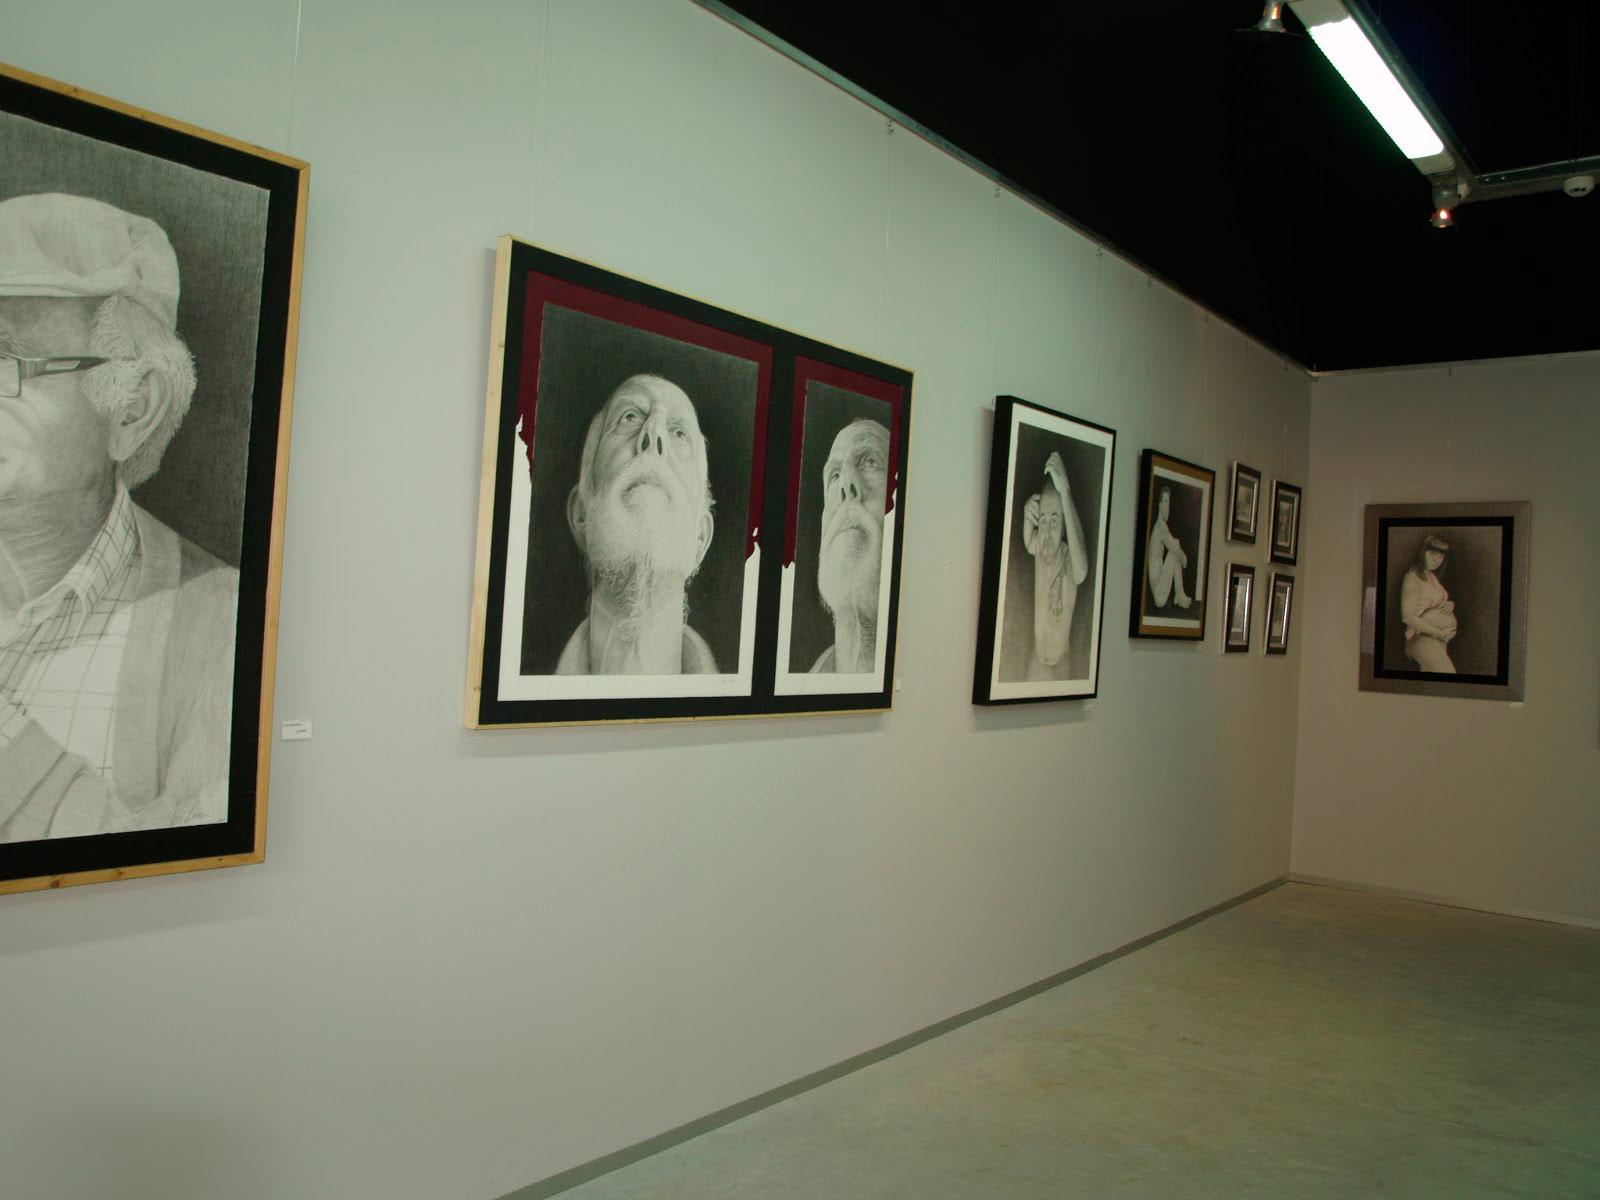 Exposición-Sala-Los-Bajos,-Ayuntamiento-de-San-Vicente-del-Raspeig,2012,exposición